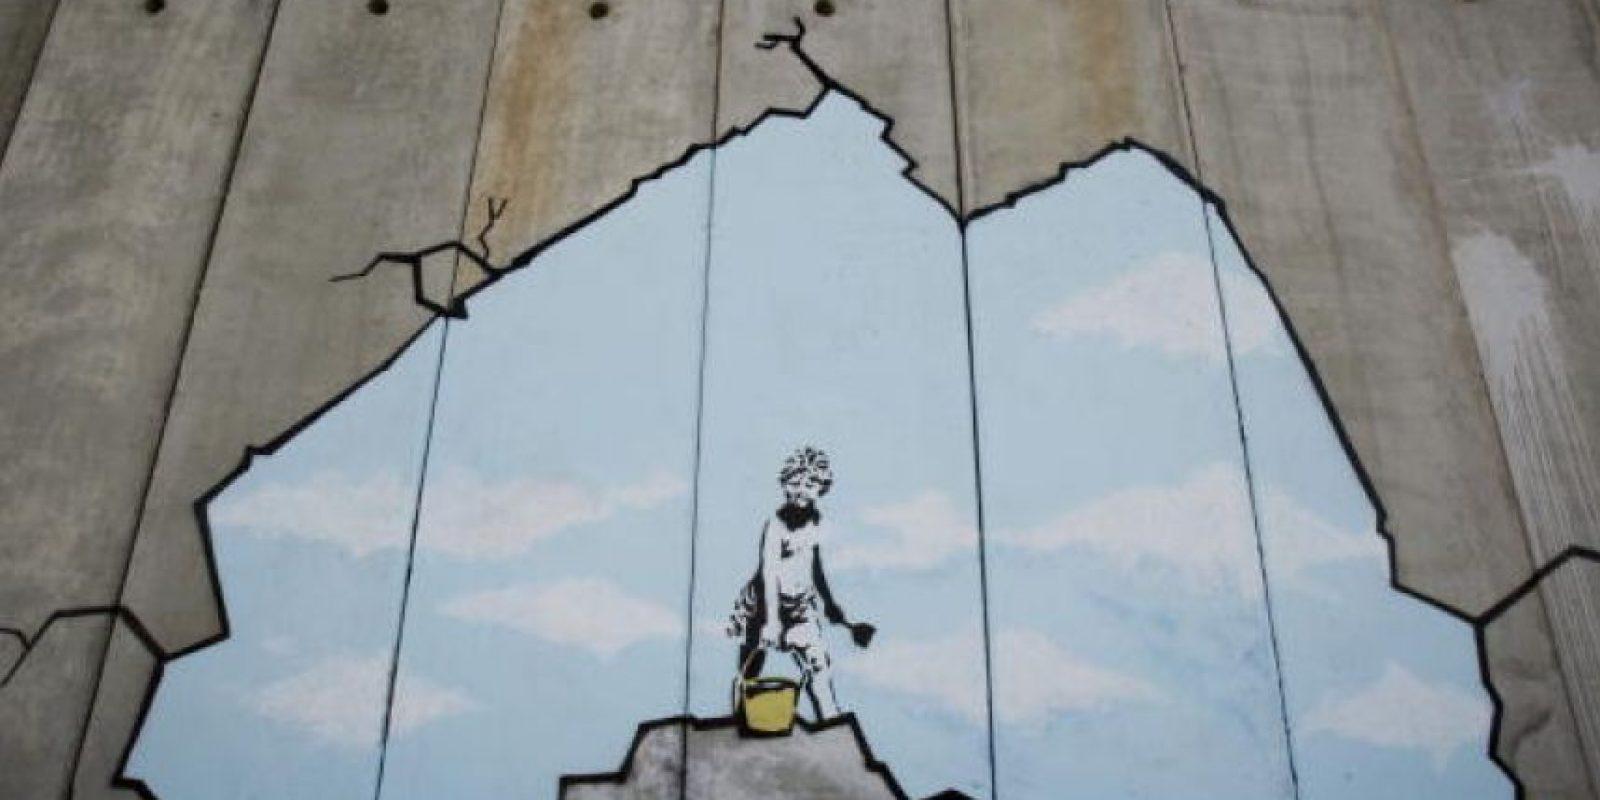 En 2014, el gobierno de Israel encontró 32 túneles en la Franja de Gaza. Foto:Getty Images